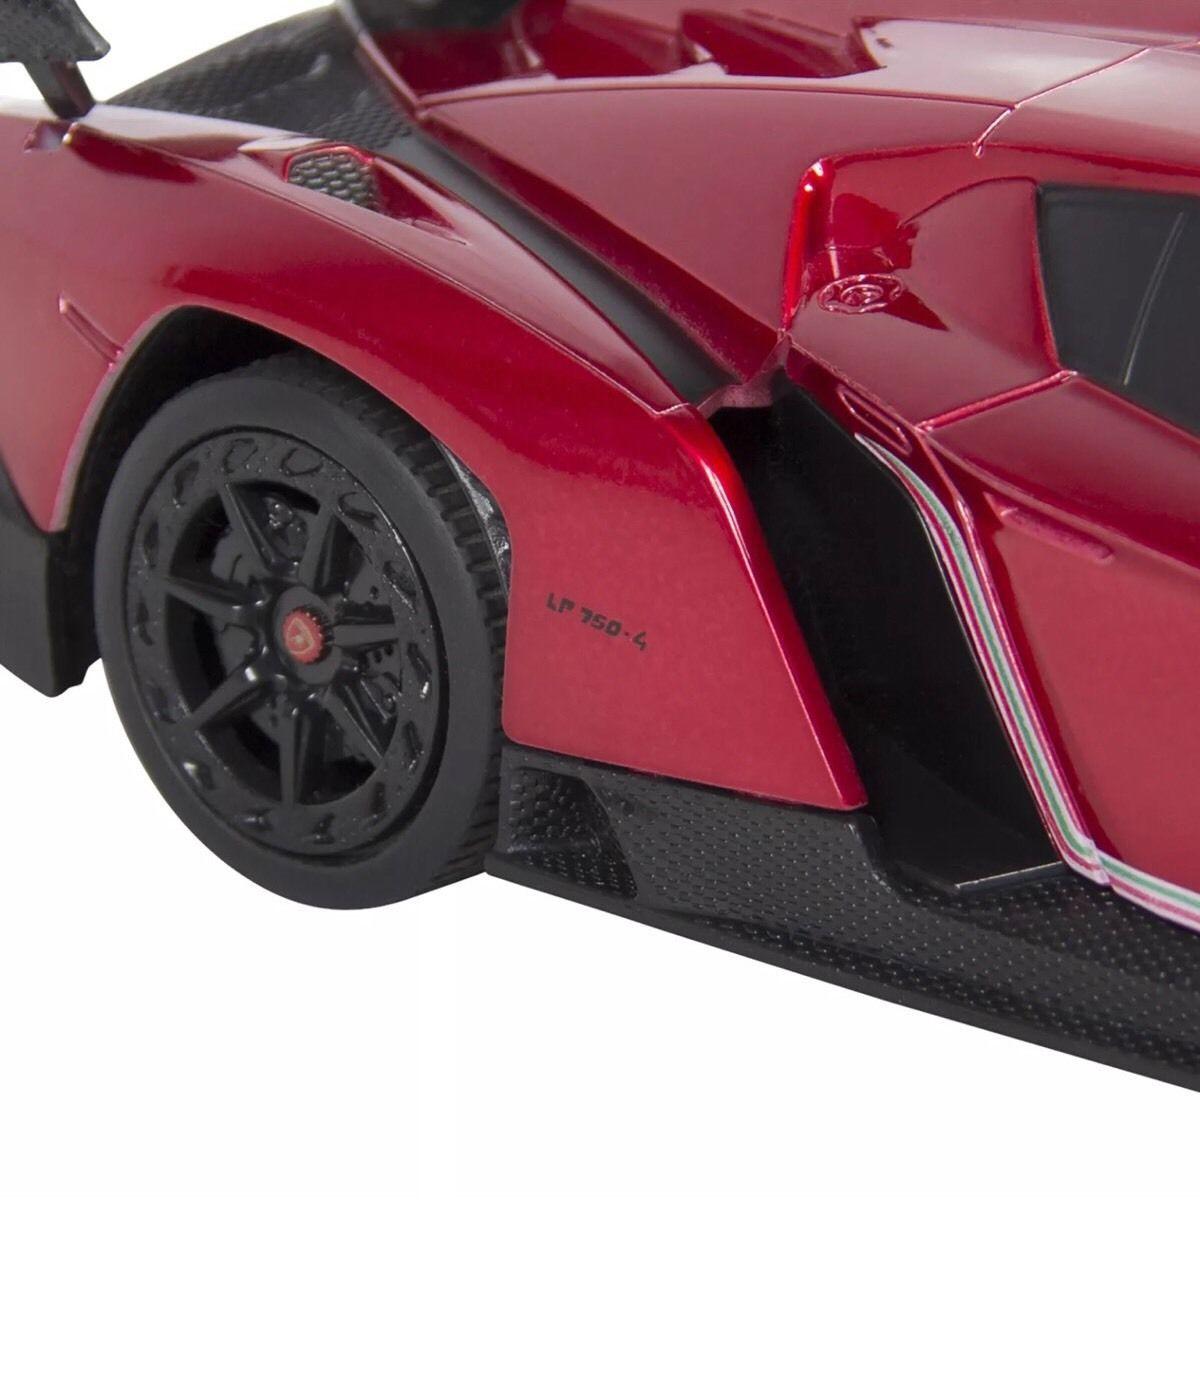 Lamborghini Veneno Sports Cars: 1/24 Officially Licensed RC Lamborghini Veneno Sport